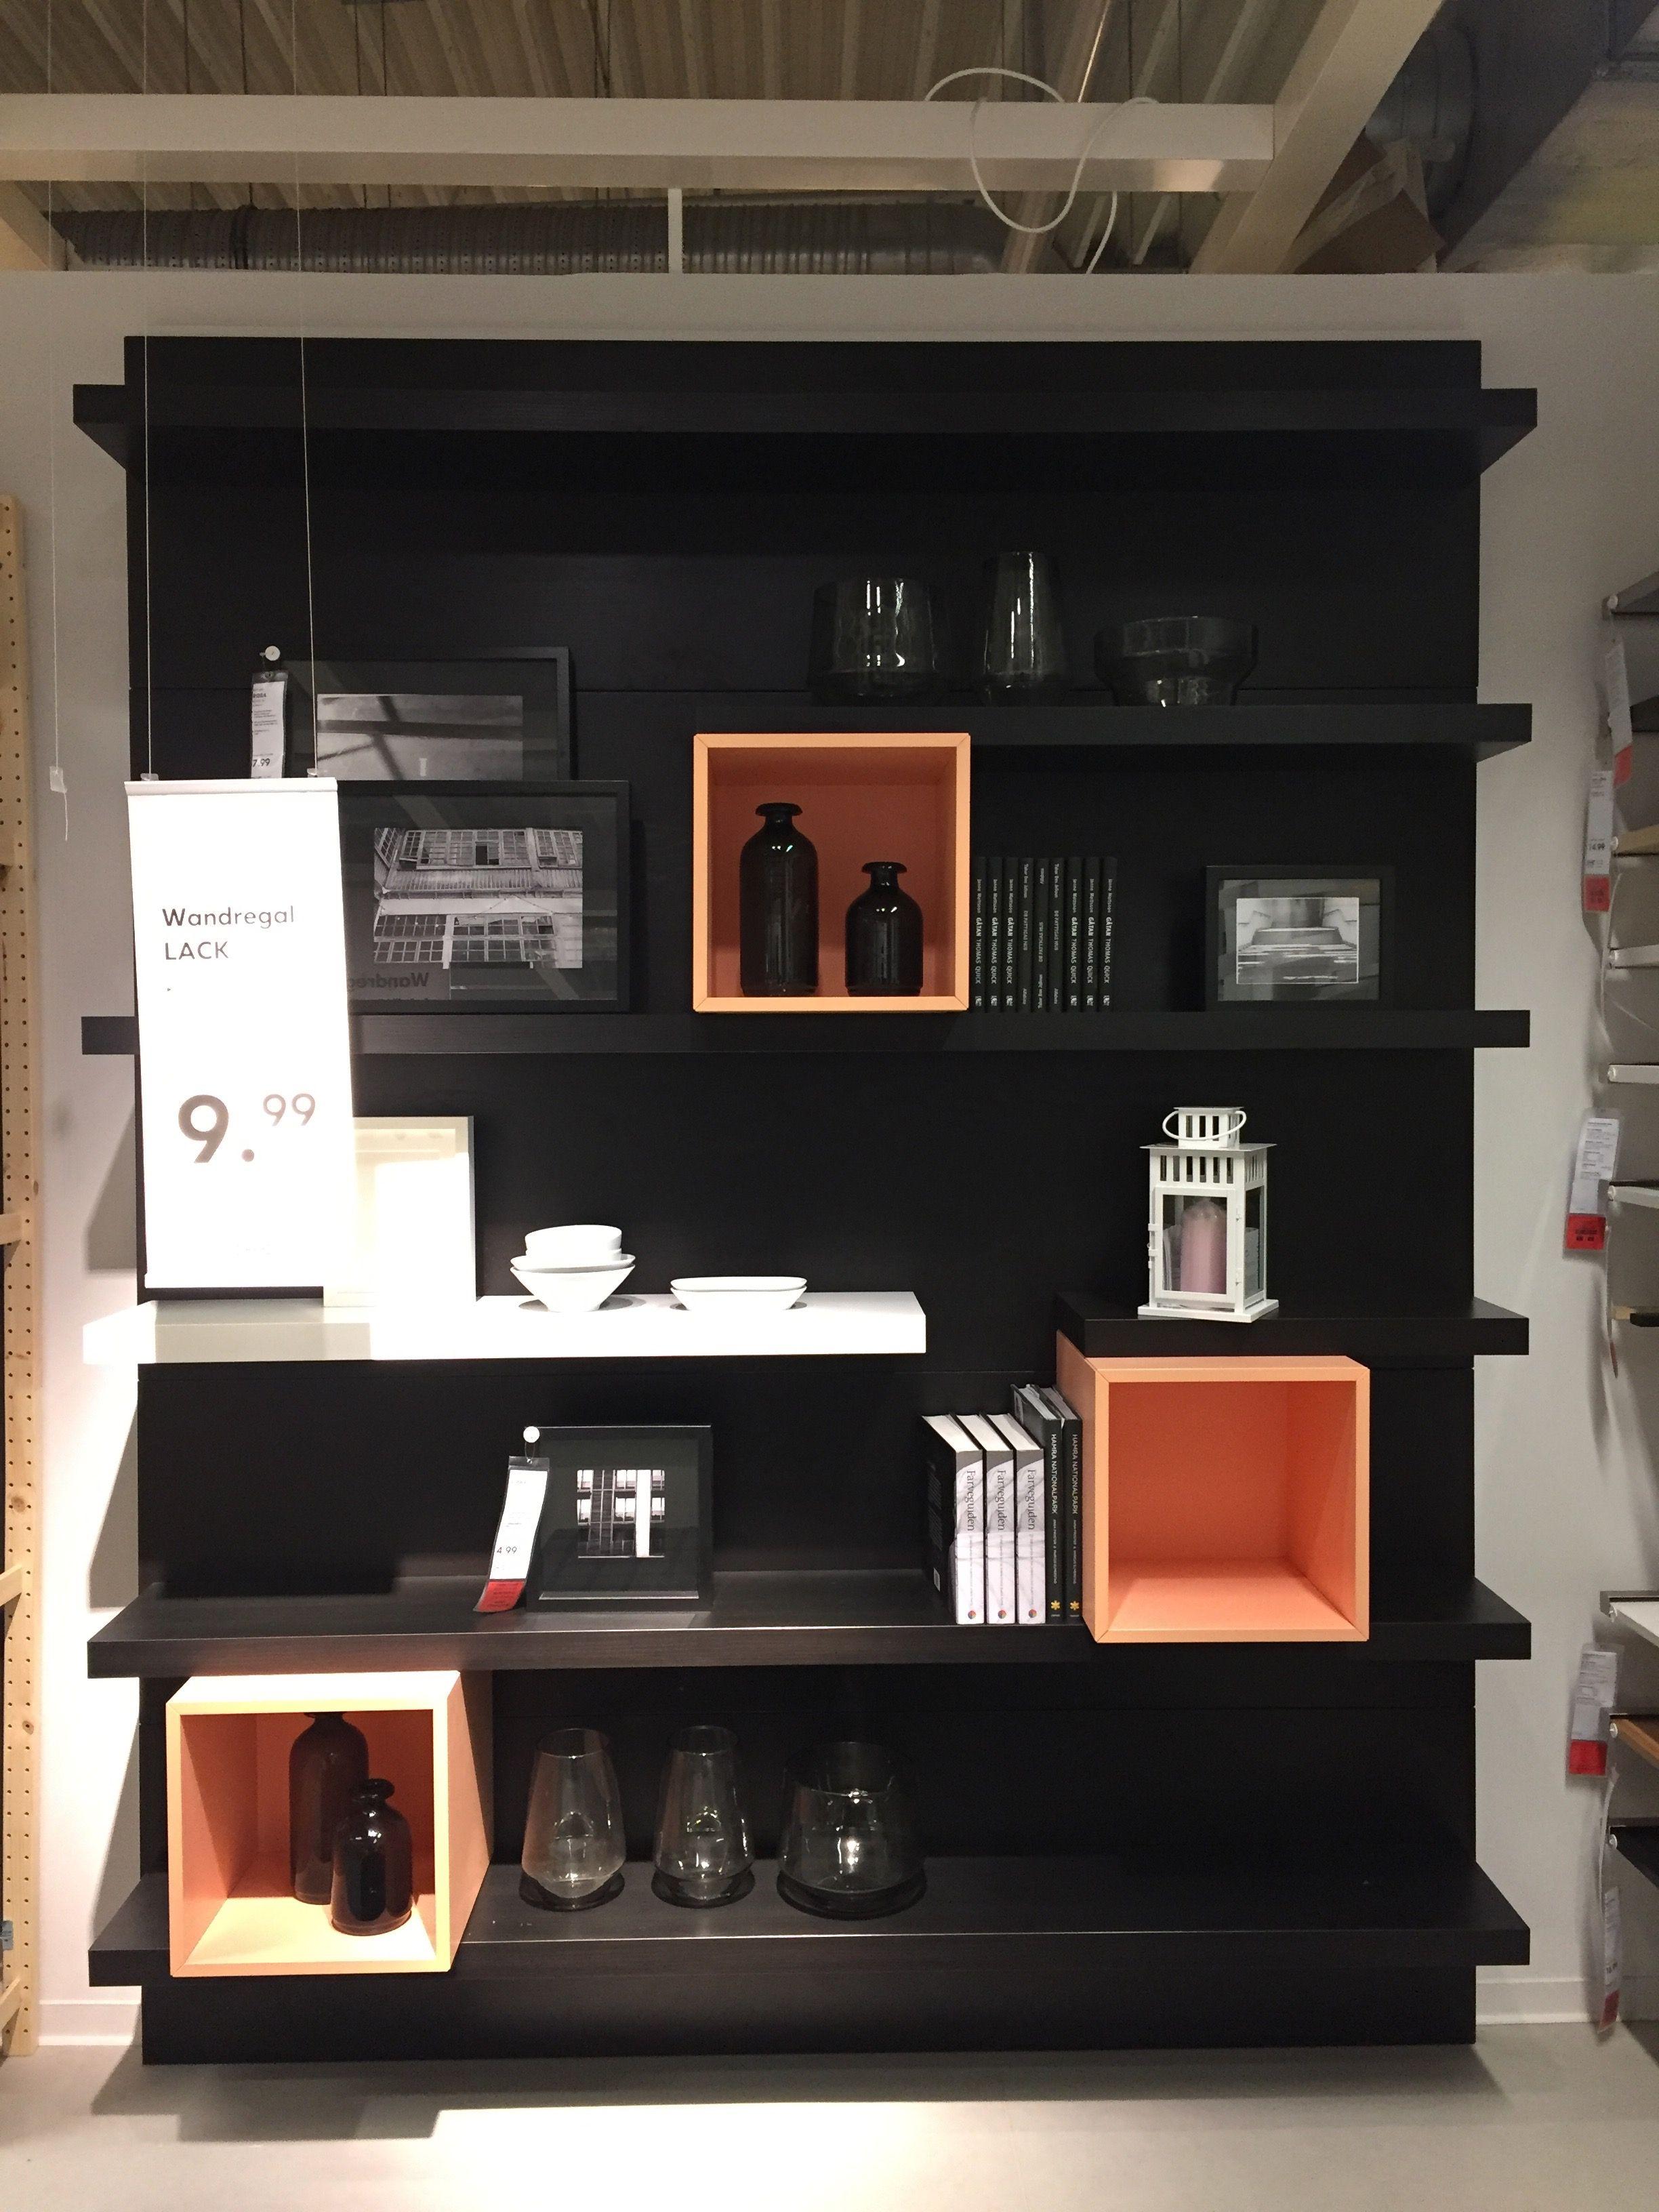 Ikea Lack Und Eket Arredamento Idee Per Soggiorni Libreria Soggiorno